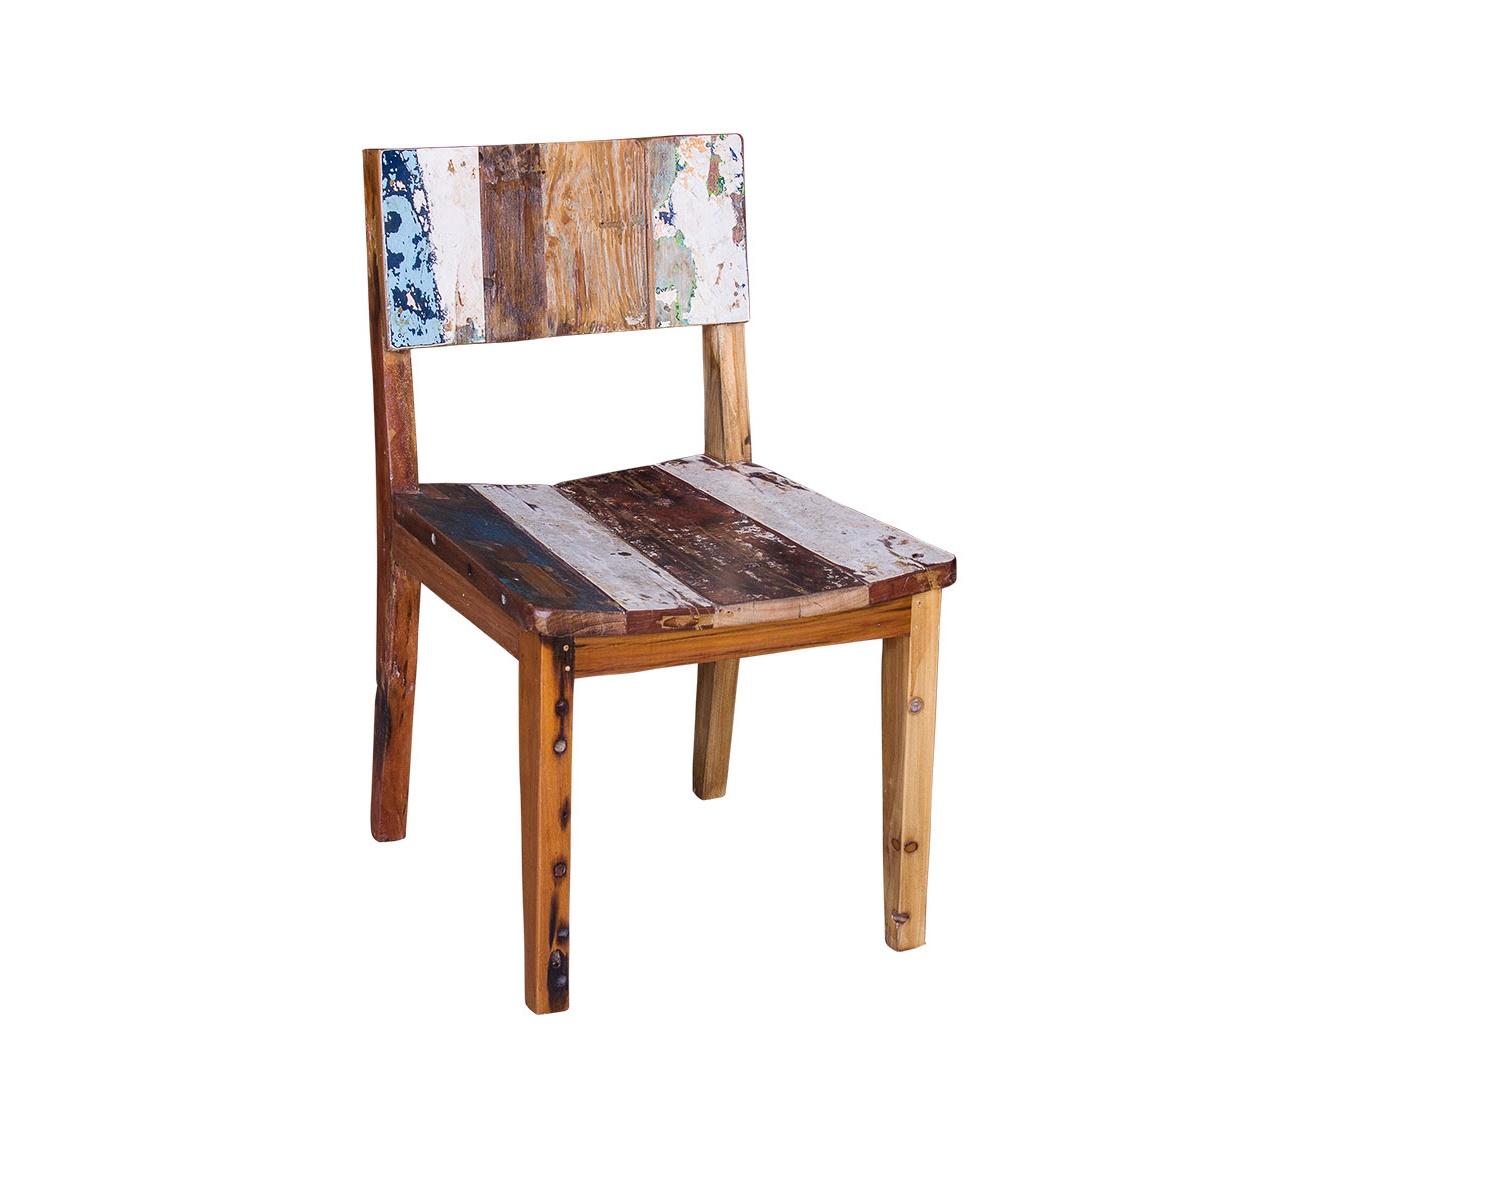 Обеденный стул ТерезаОбеденные стулья<br>&amp;lt;div&amp;gt;Индивидуальный интерьер создает индивидуальная мебель. Обеденный стул &amp;quot;Тереза&amp;quot; можно отнести к самобытным предметам. Каркас изготовлен из старых досок, покрытых мелкими трещинами и сколами. А чтобы оживить потрепанную внешность, дизайнеры добавили несколько тонов краски. Так получился своенравный стул в стиле кантри.&amp;lt;/div&amp;gt;&amp;lt;div&amp;gt;&amp;lt;br&amp;gt;&amp;lt;/div&amp;gt;Стул выполнен из массива древесины старого рыбацкого судна, такой как: тик, махогон, суар, с сохранением оригинальной многослойной окраски. Сборка не требуется.<br>Страна производитель - Индонезия.<br><br>Material: Тик<br>Length см: 50<br>Width см: 55<br>Height см: 85